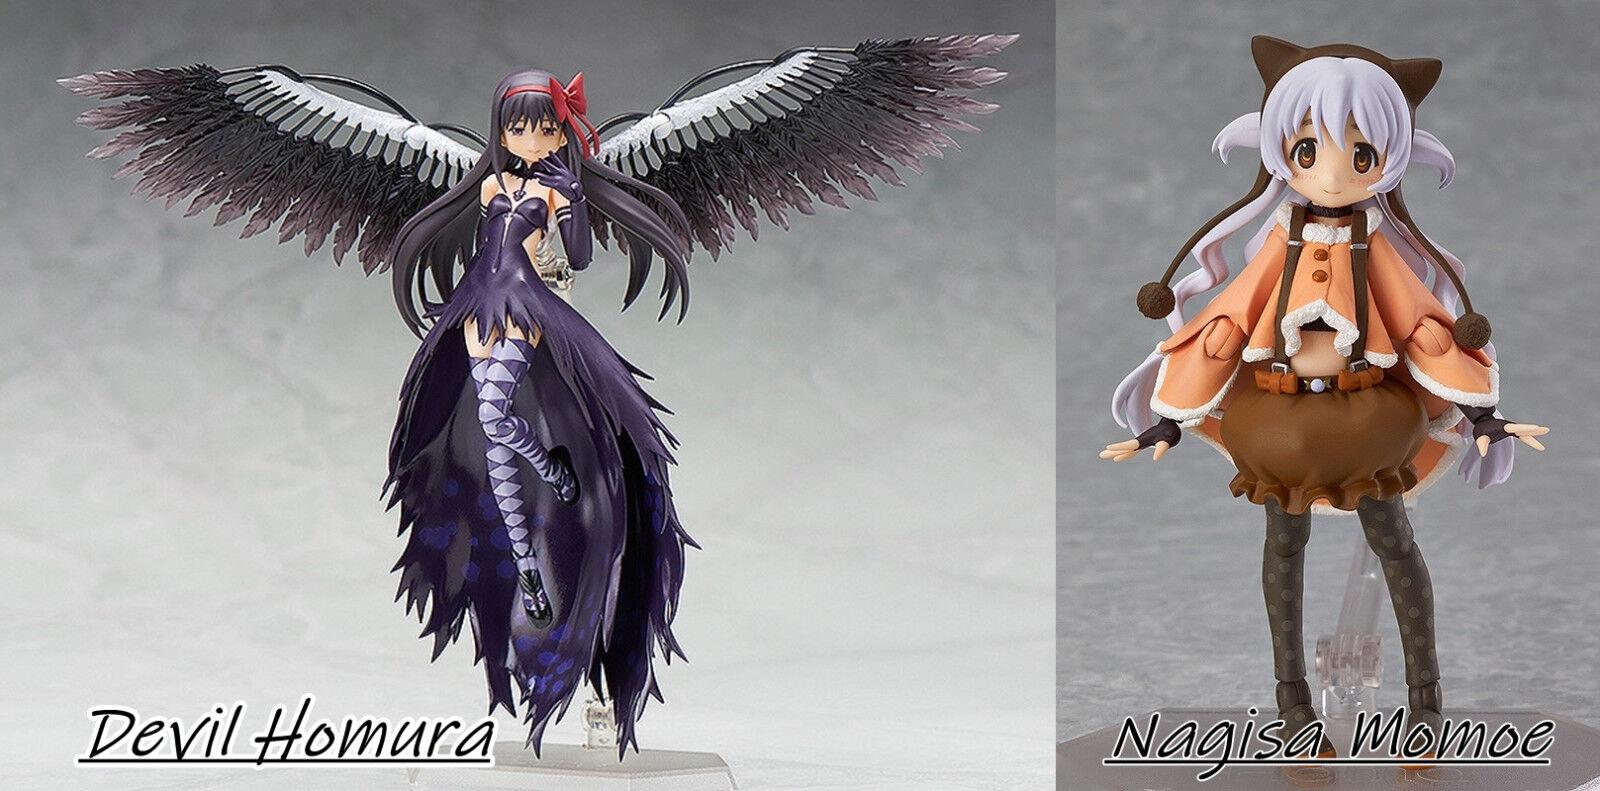 Figma Devil  Homura Puella Magi Madoka Magica The Movie   Rebellion Nagisa Momoe  più economico